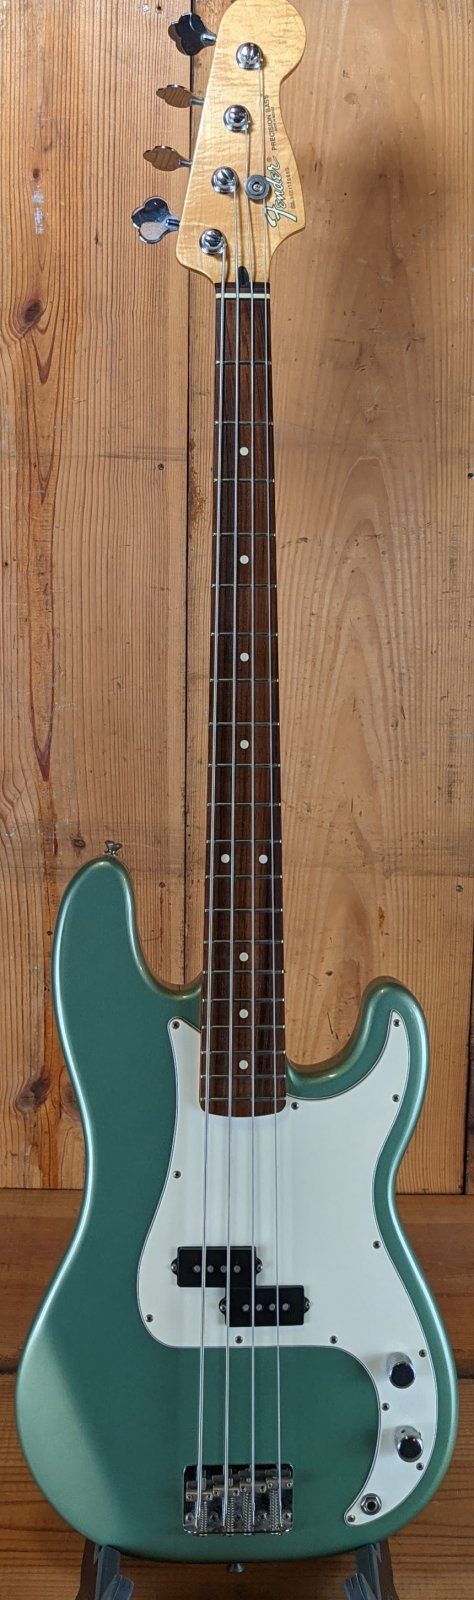 2002 Fender Standard Precision Bass